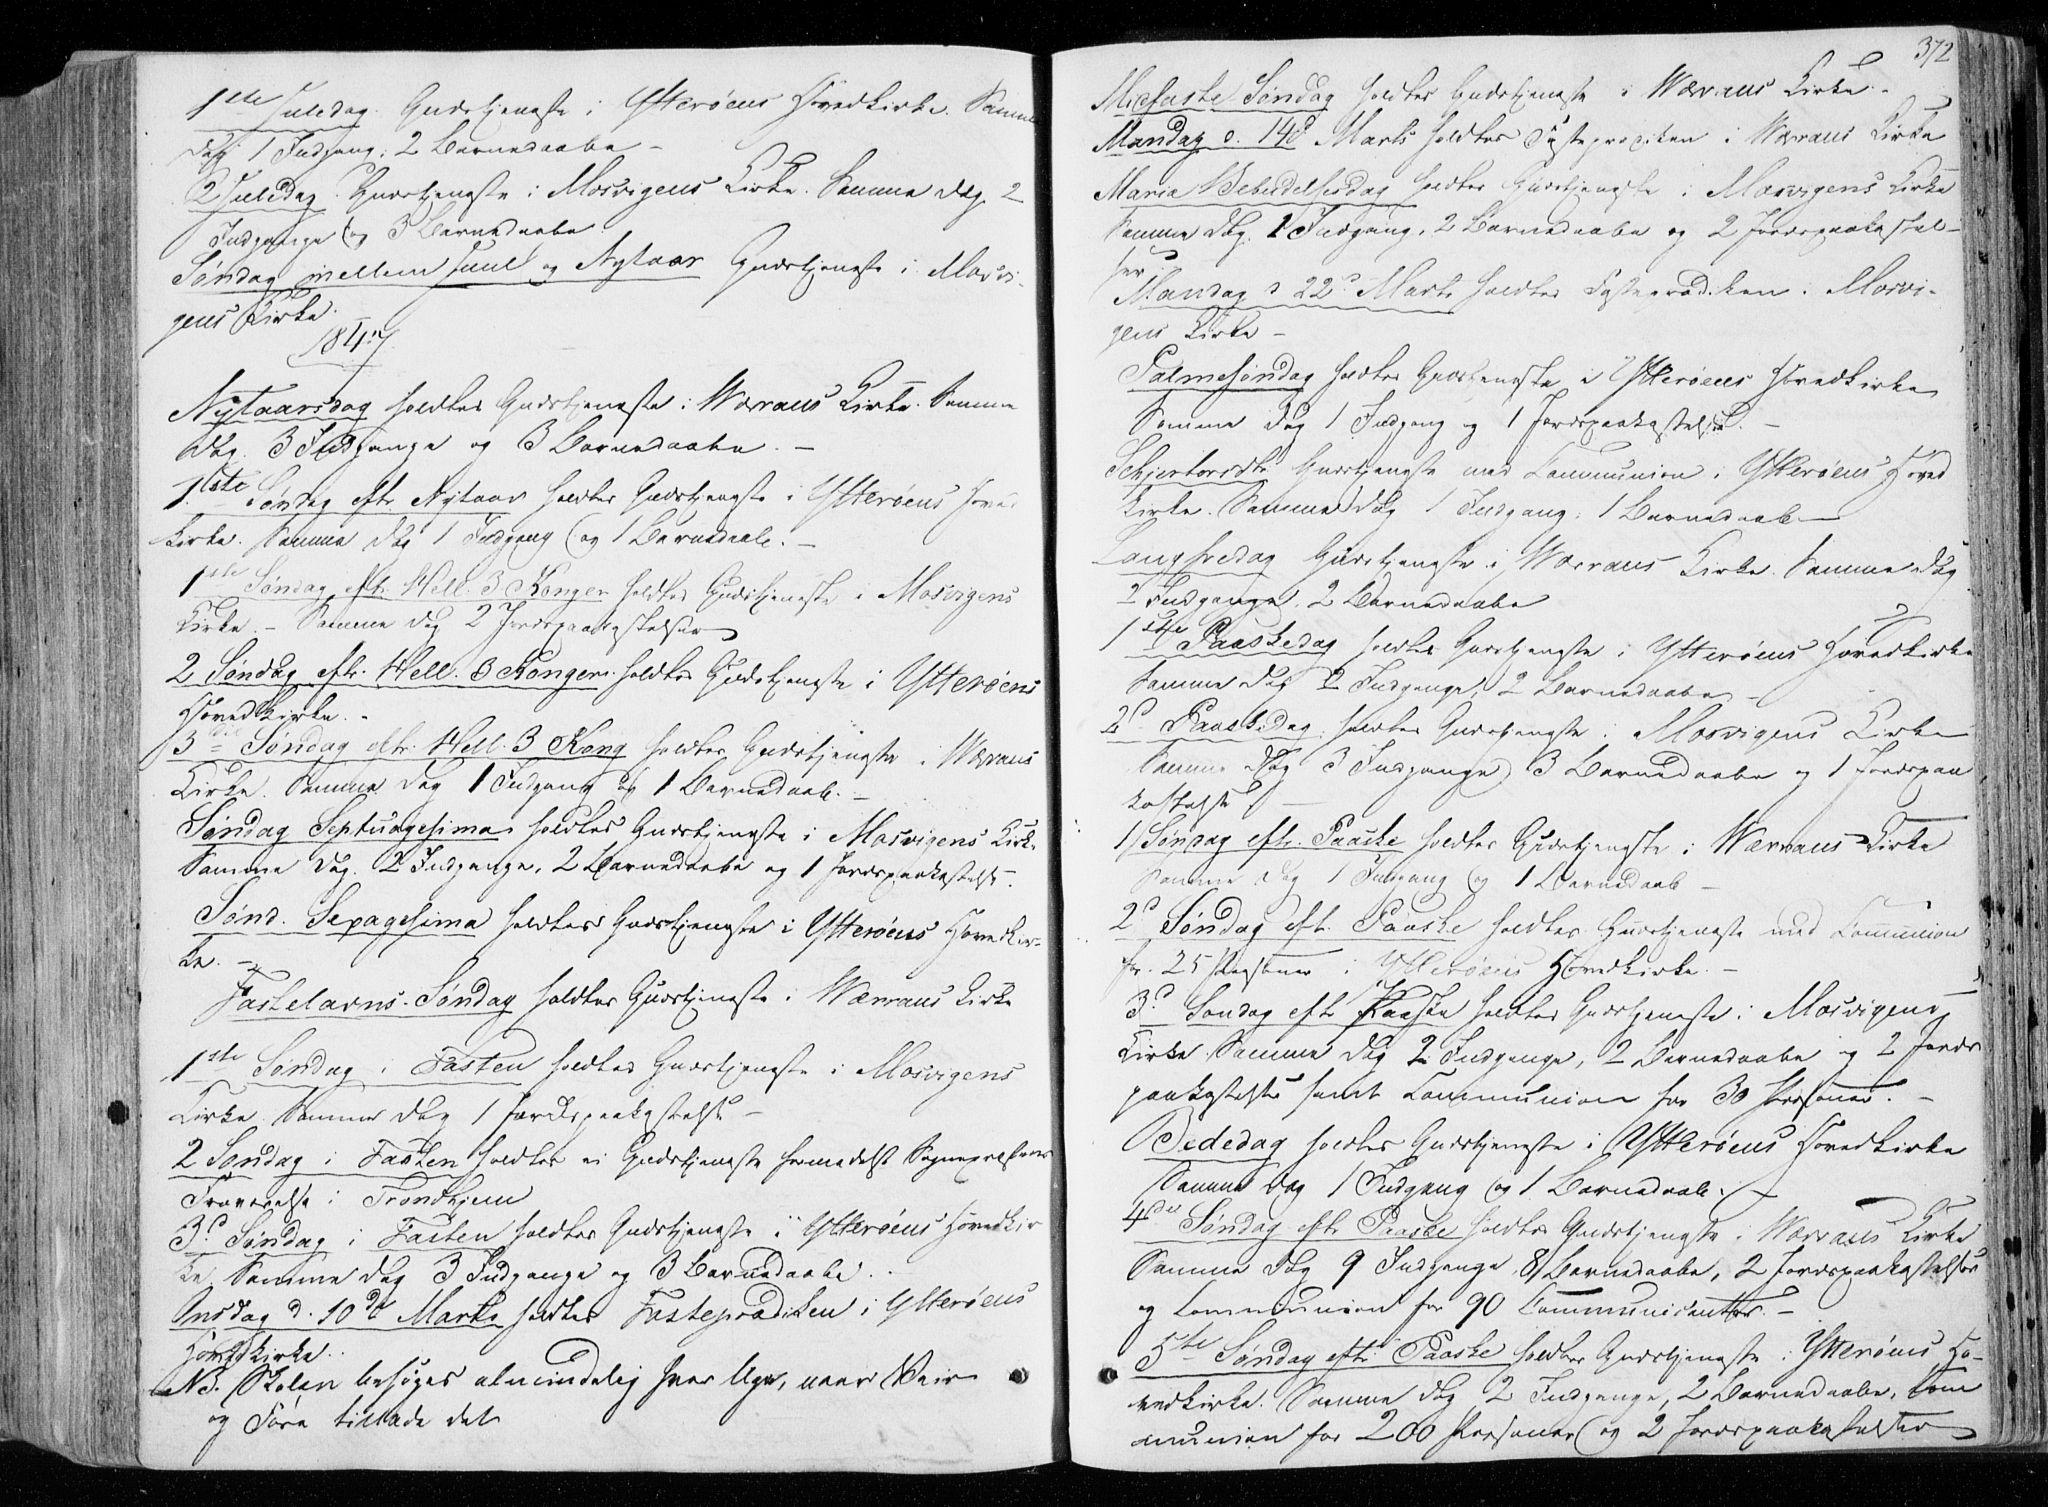 SAT, Ministerialprotokoller, klokkerbøker og fødselsregistre - Nord-Trøndelag, 722/L0218: Ministerialbok nr. 722A05, 1843-1868, s. 372